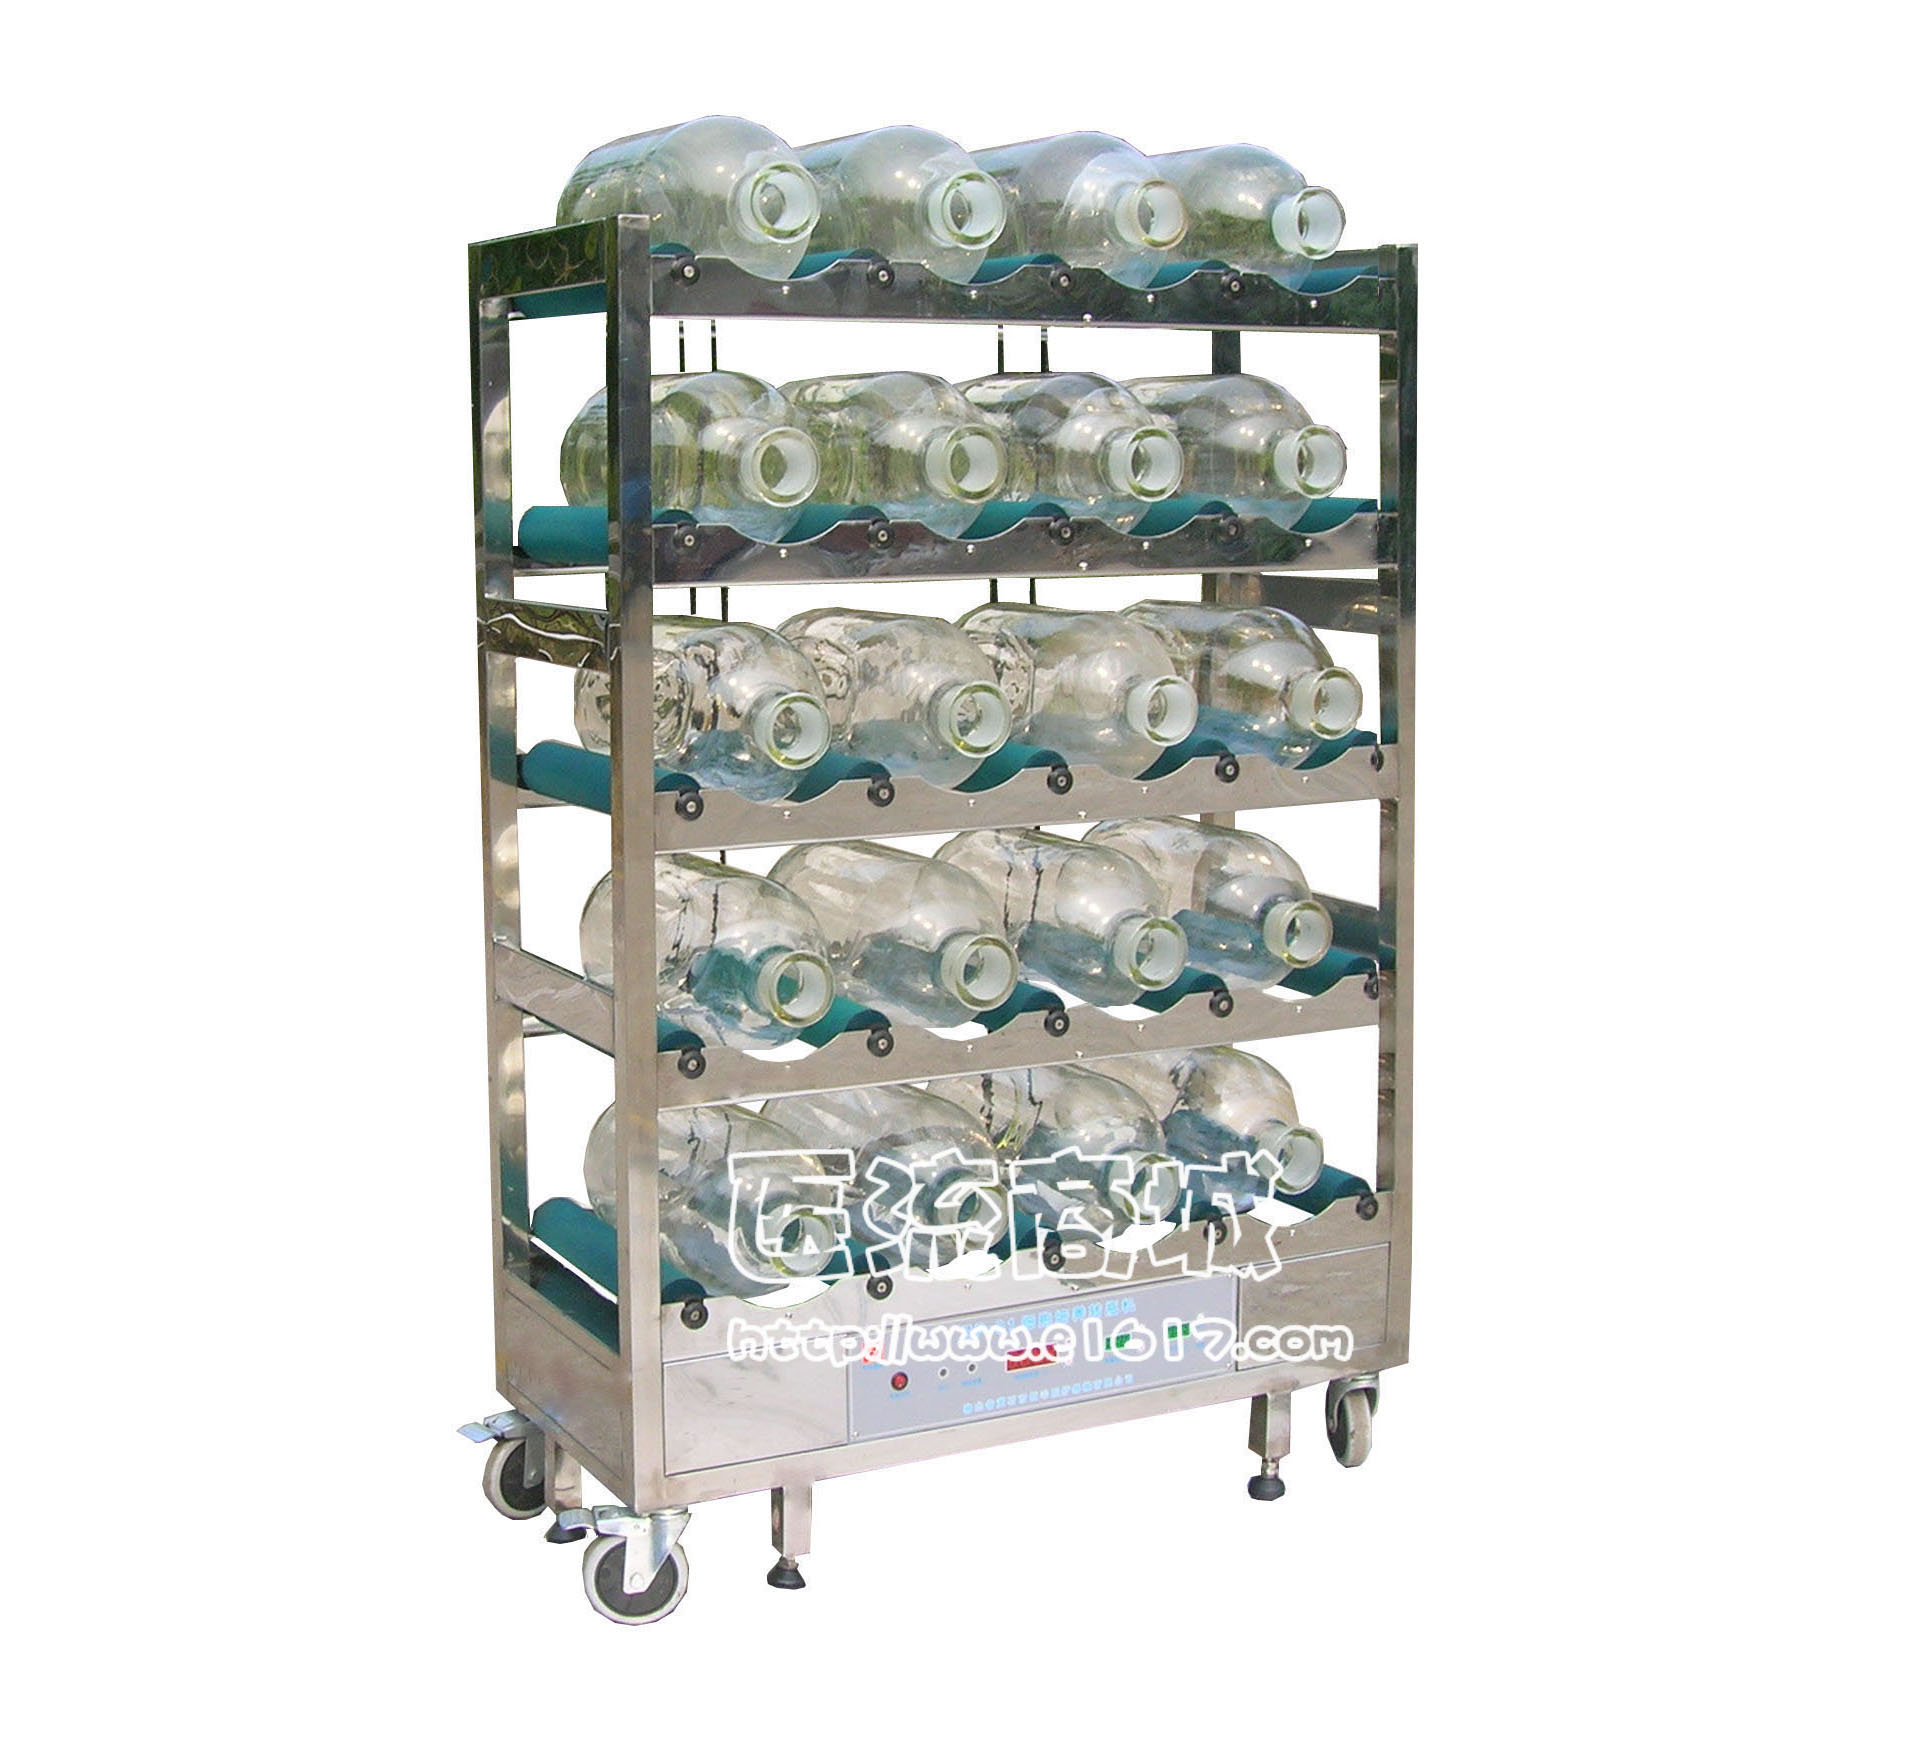 恒丰 ZP-01-40 细胞培养转瓶机 40瓶位